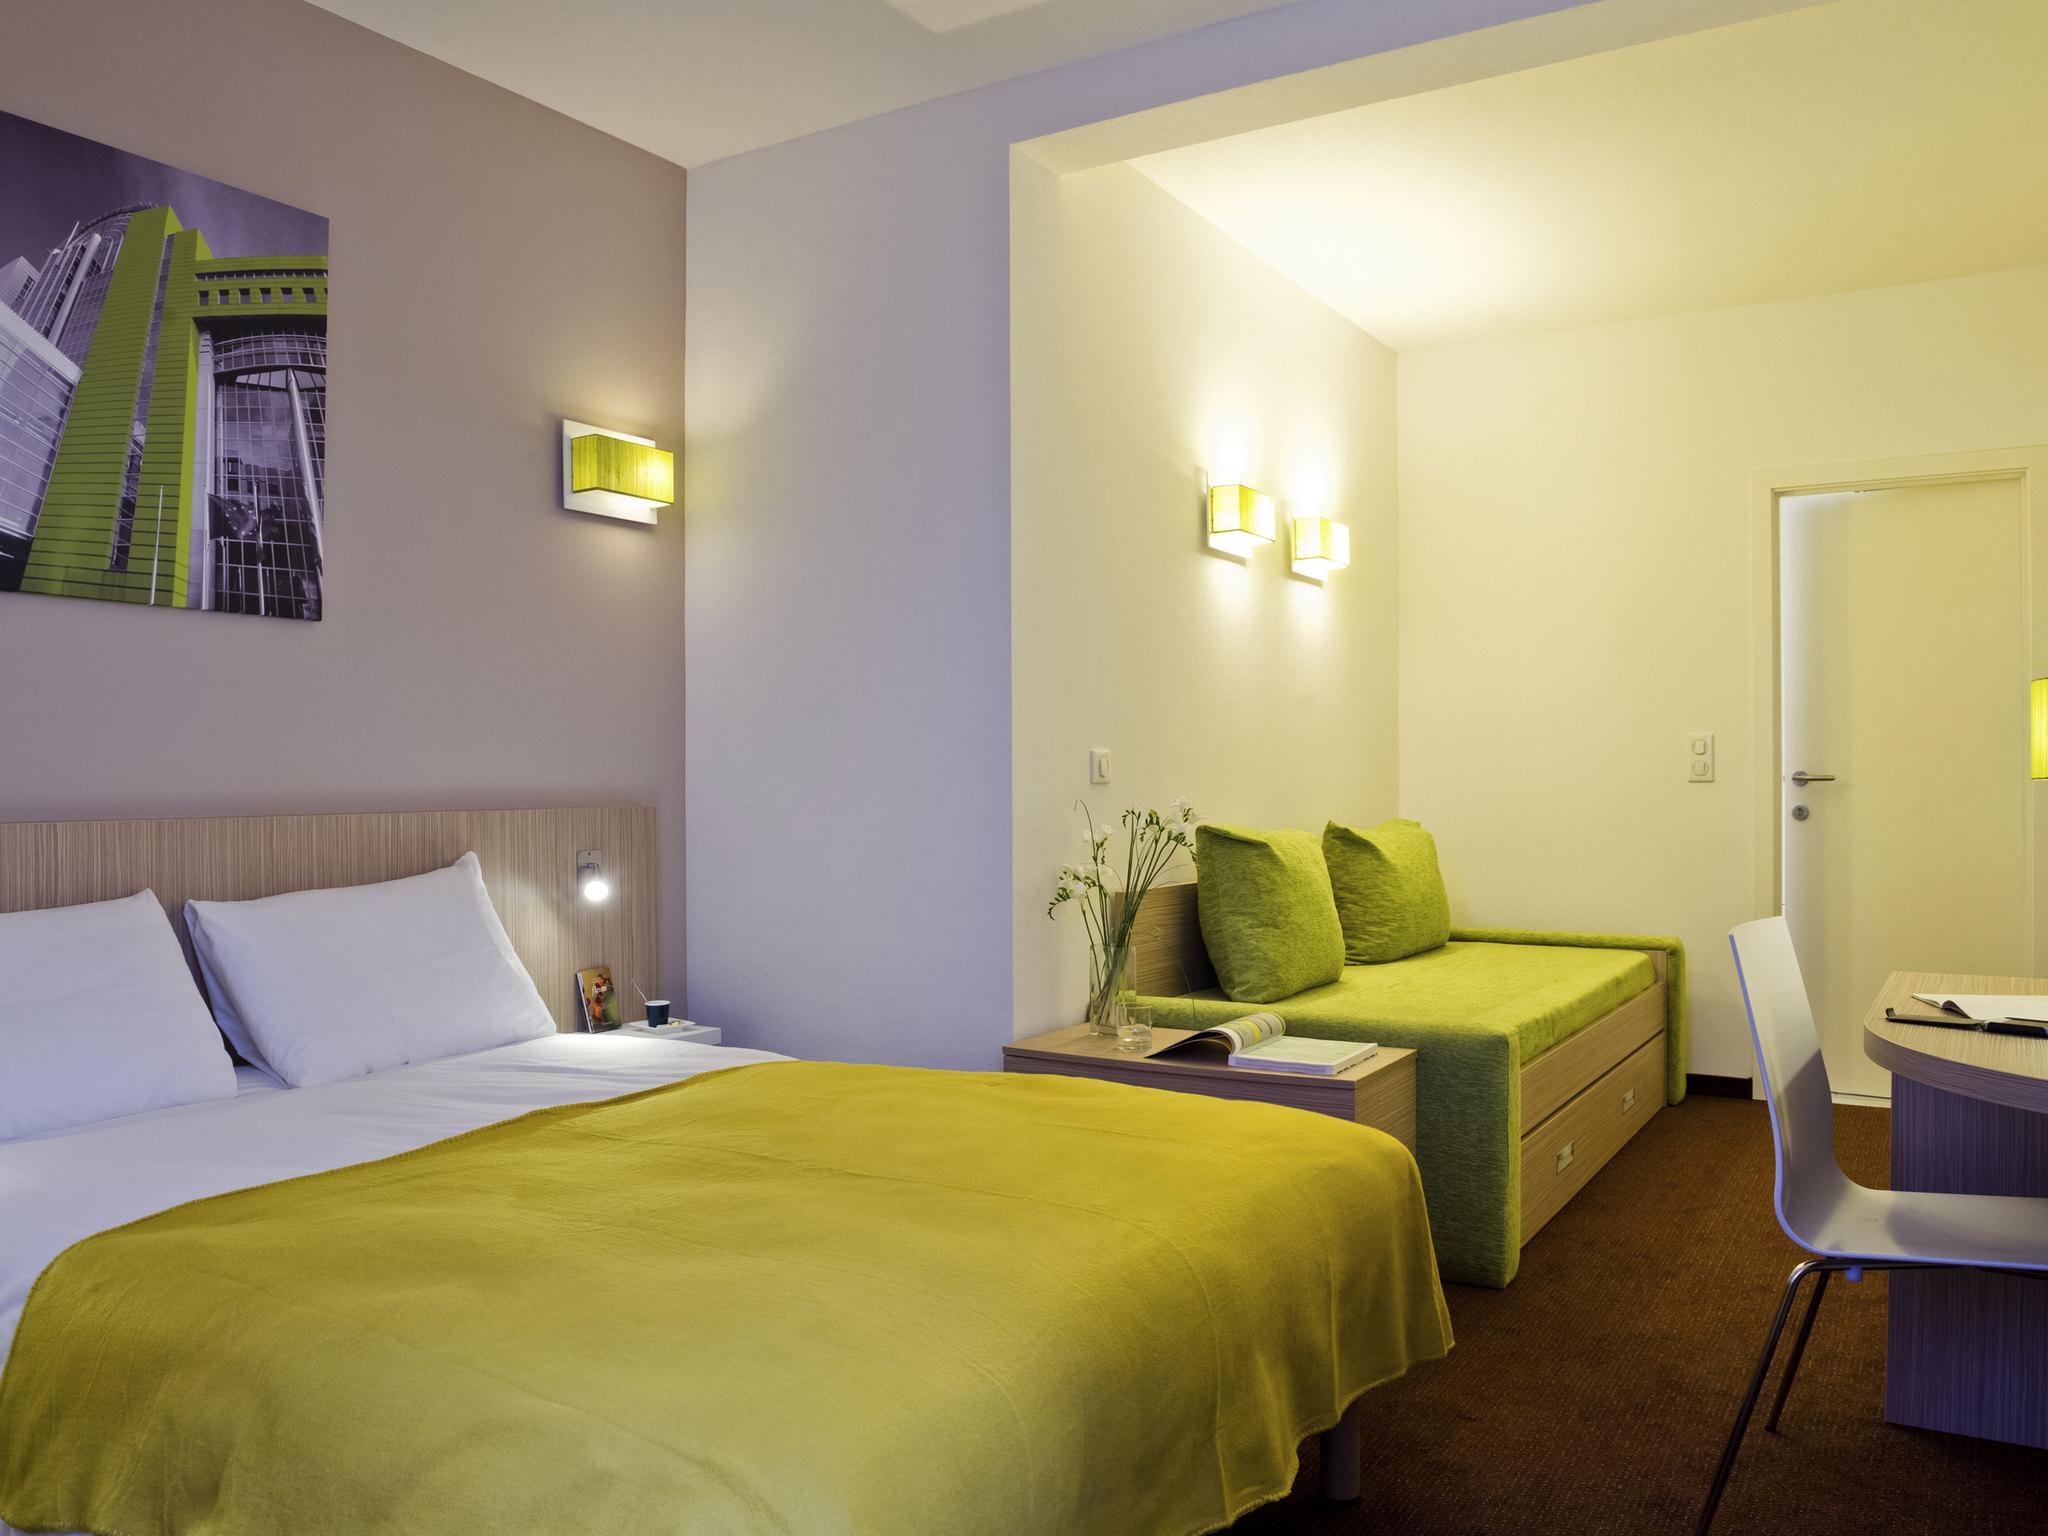 ホテル – アダジオアクセスブリュッセルヨーロッパ